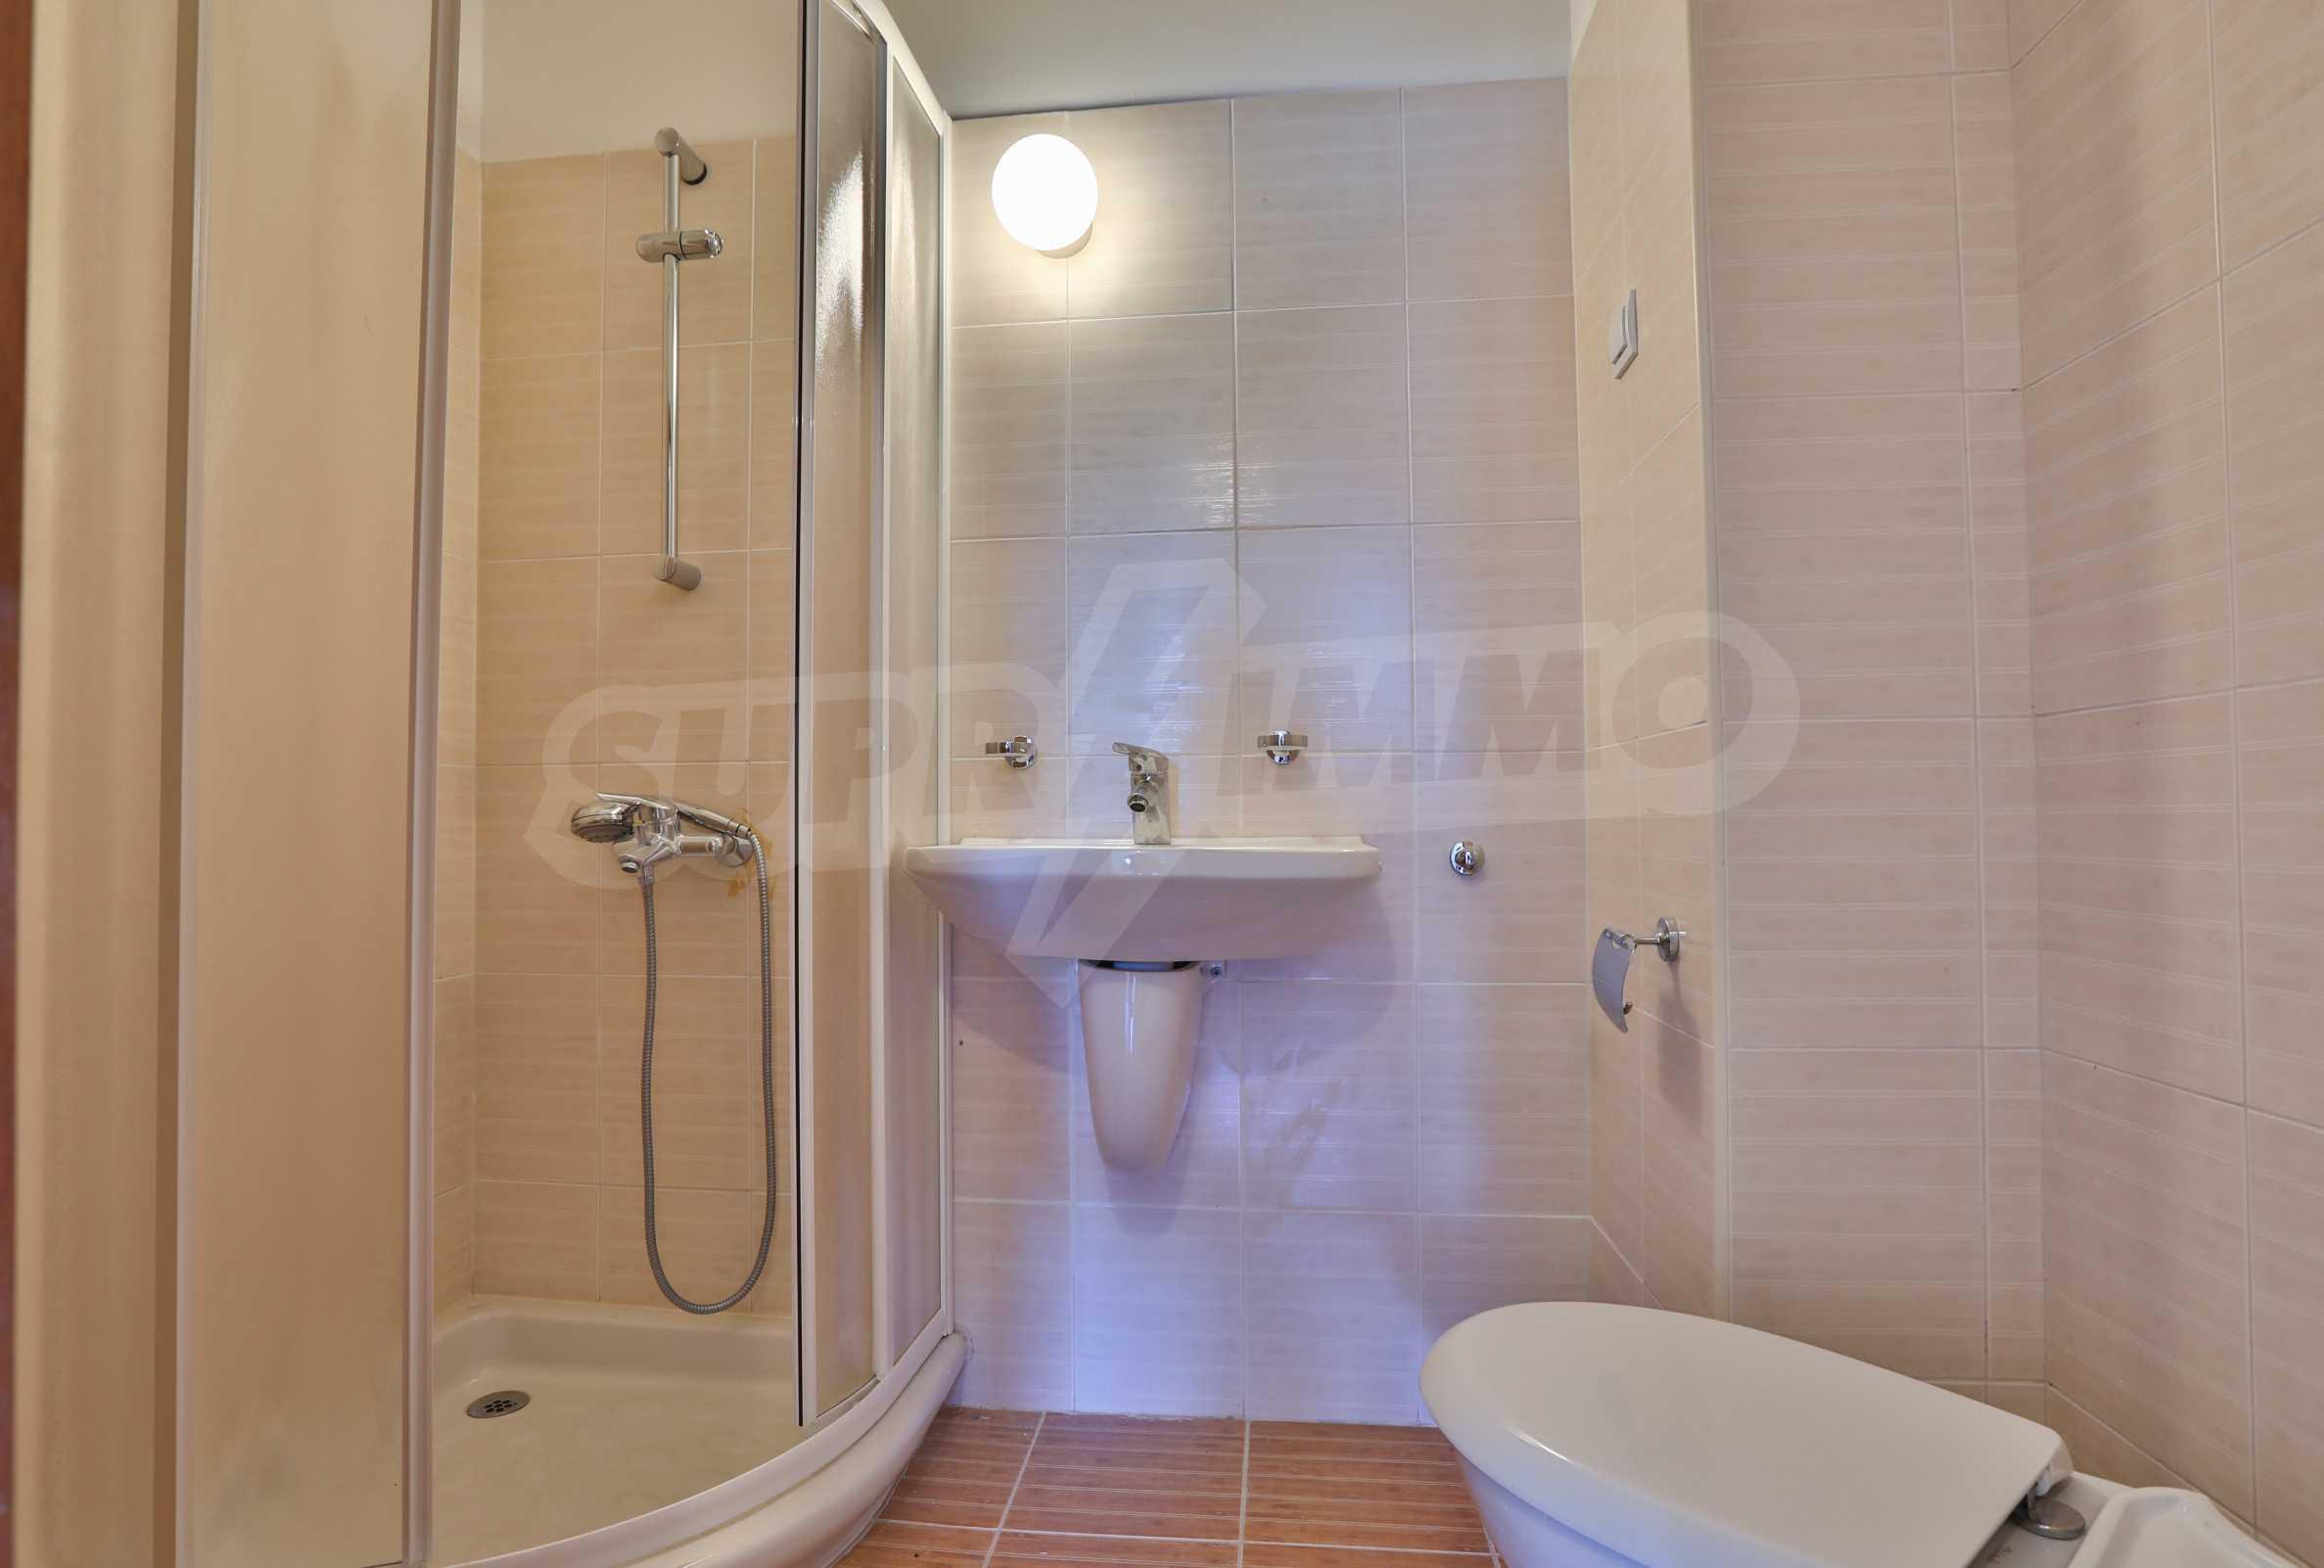 Първокласни апартаменти за продажба на метри от писта Ястребец в Боровец 6